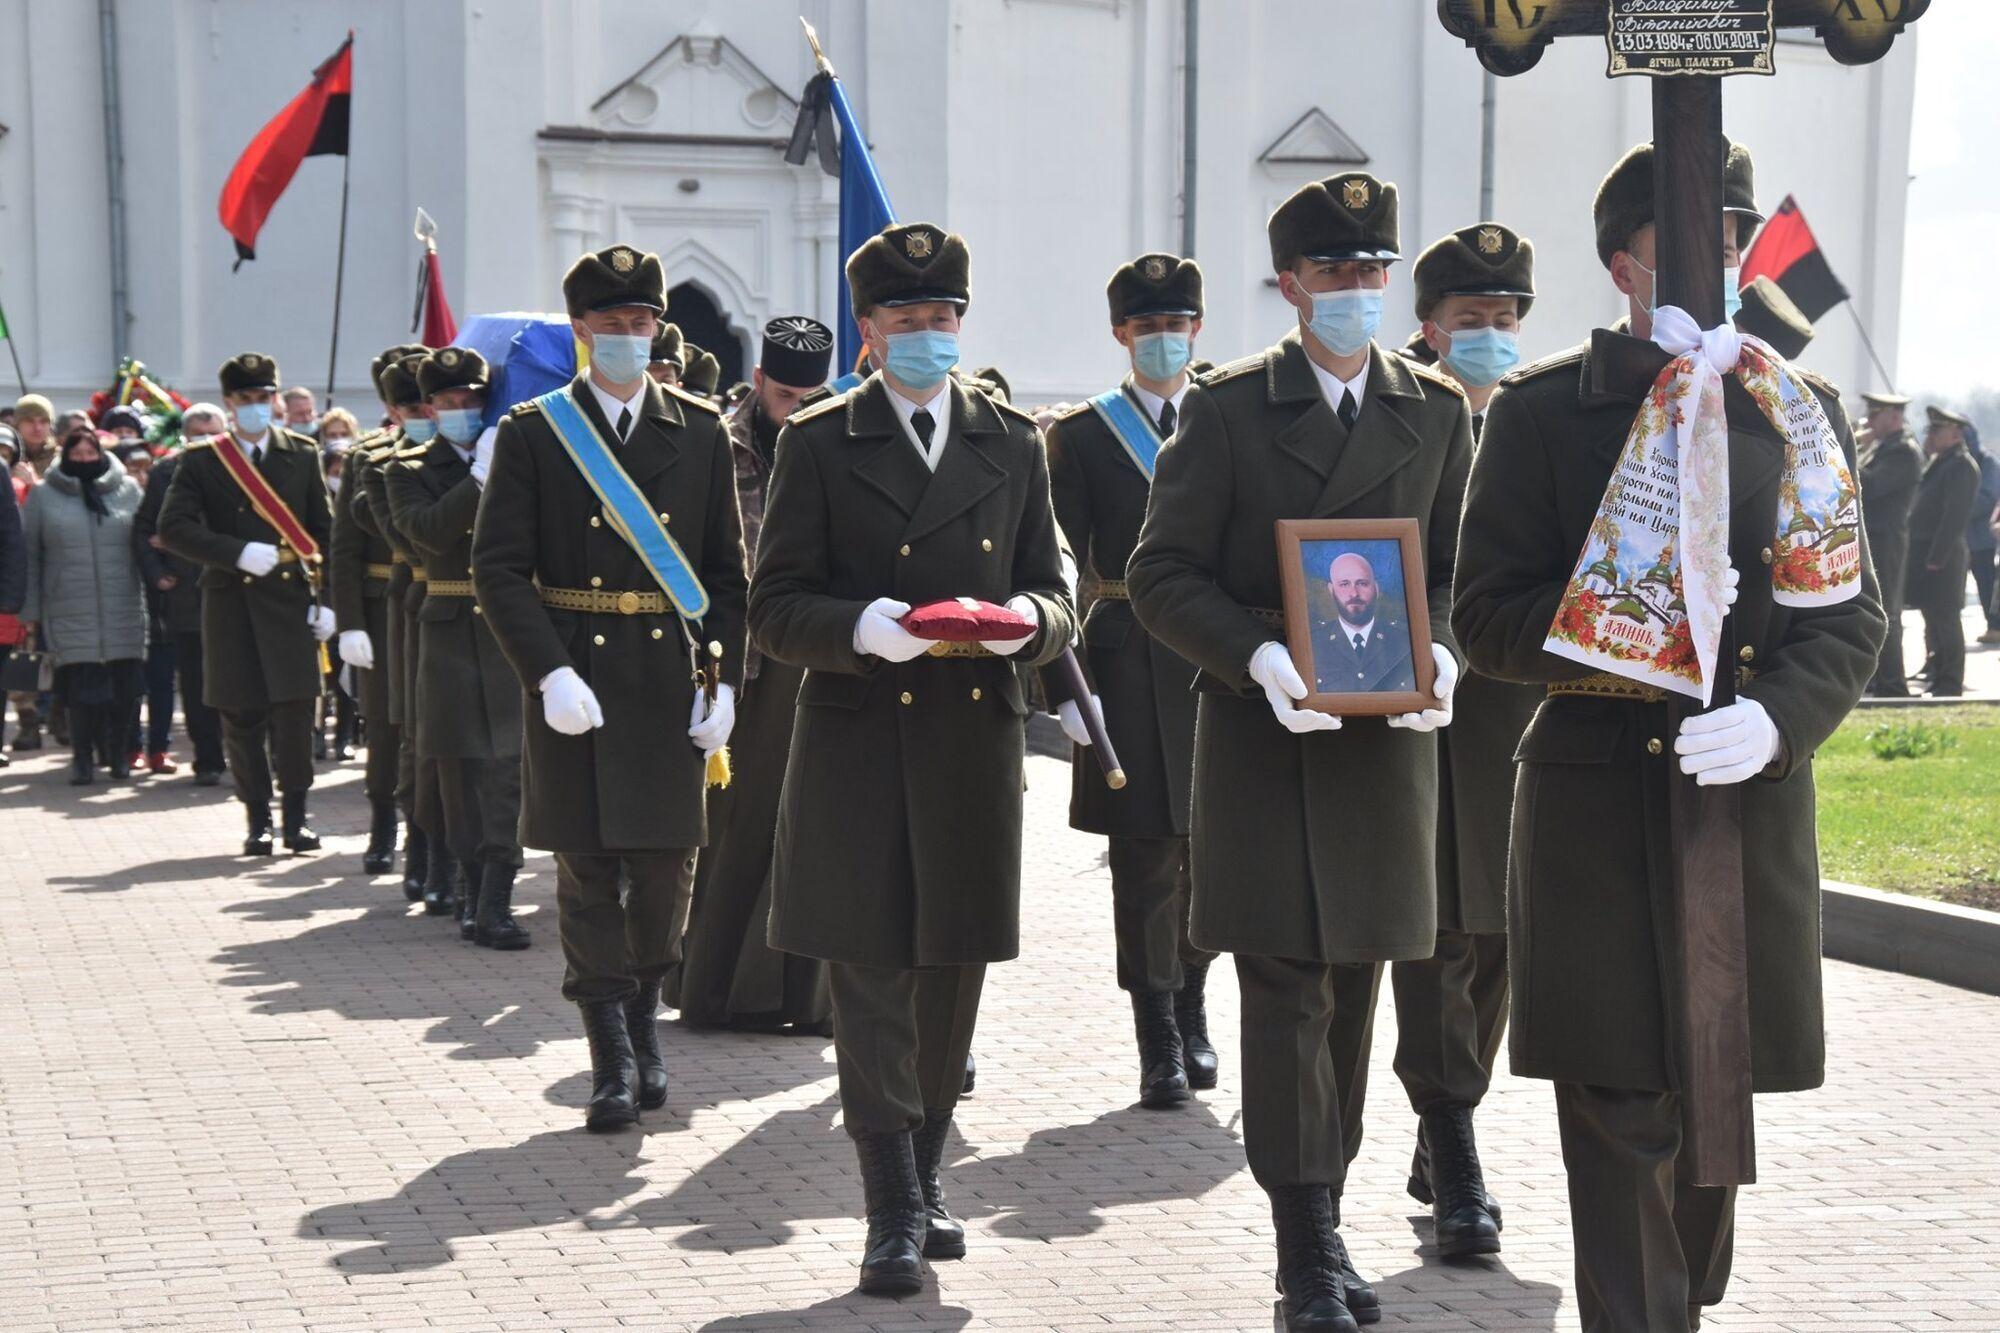 Траурная процессия на похоронах Шпака